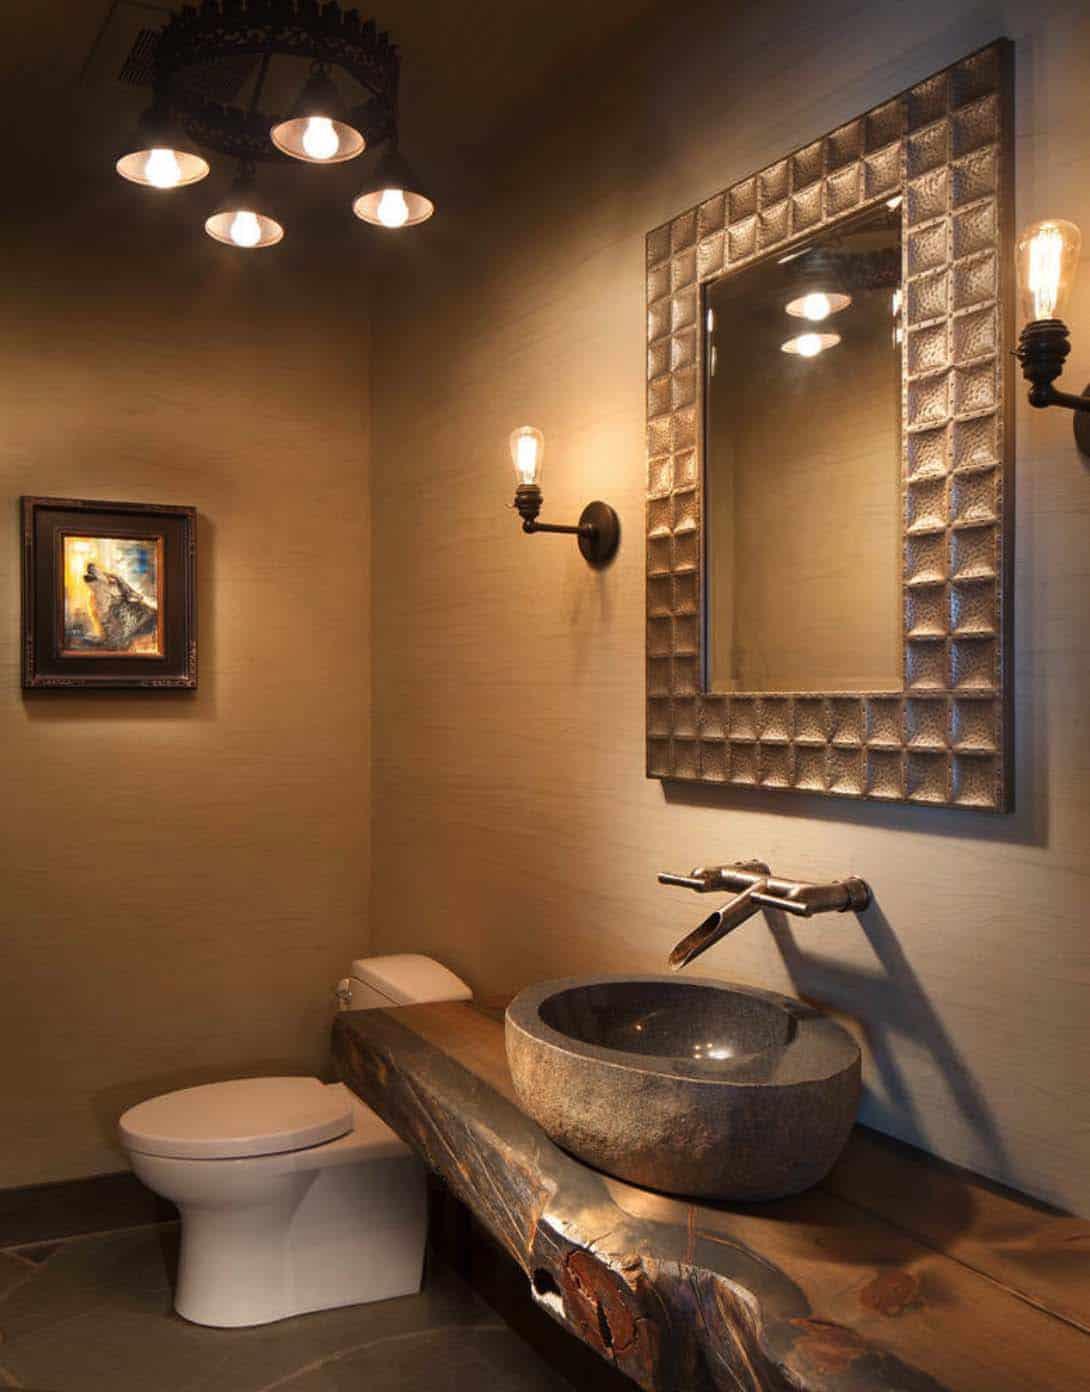 rustique-lac-maison-poudre-salle de bain